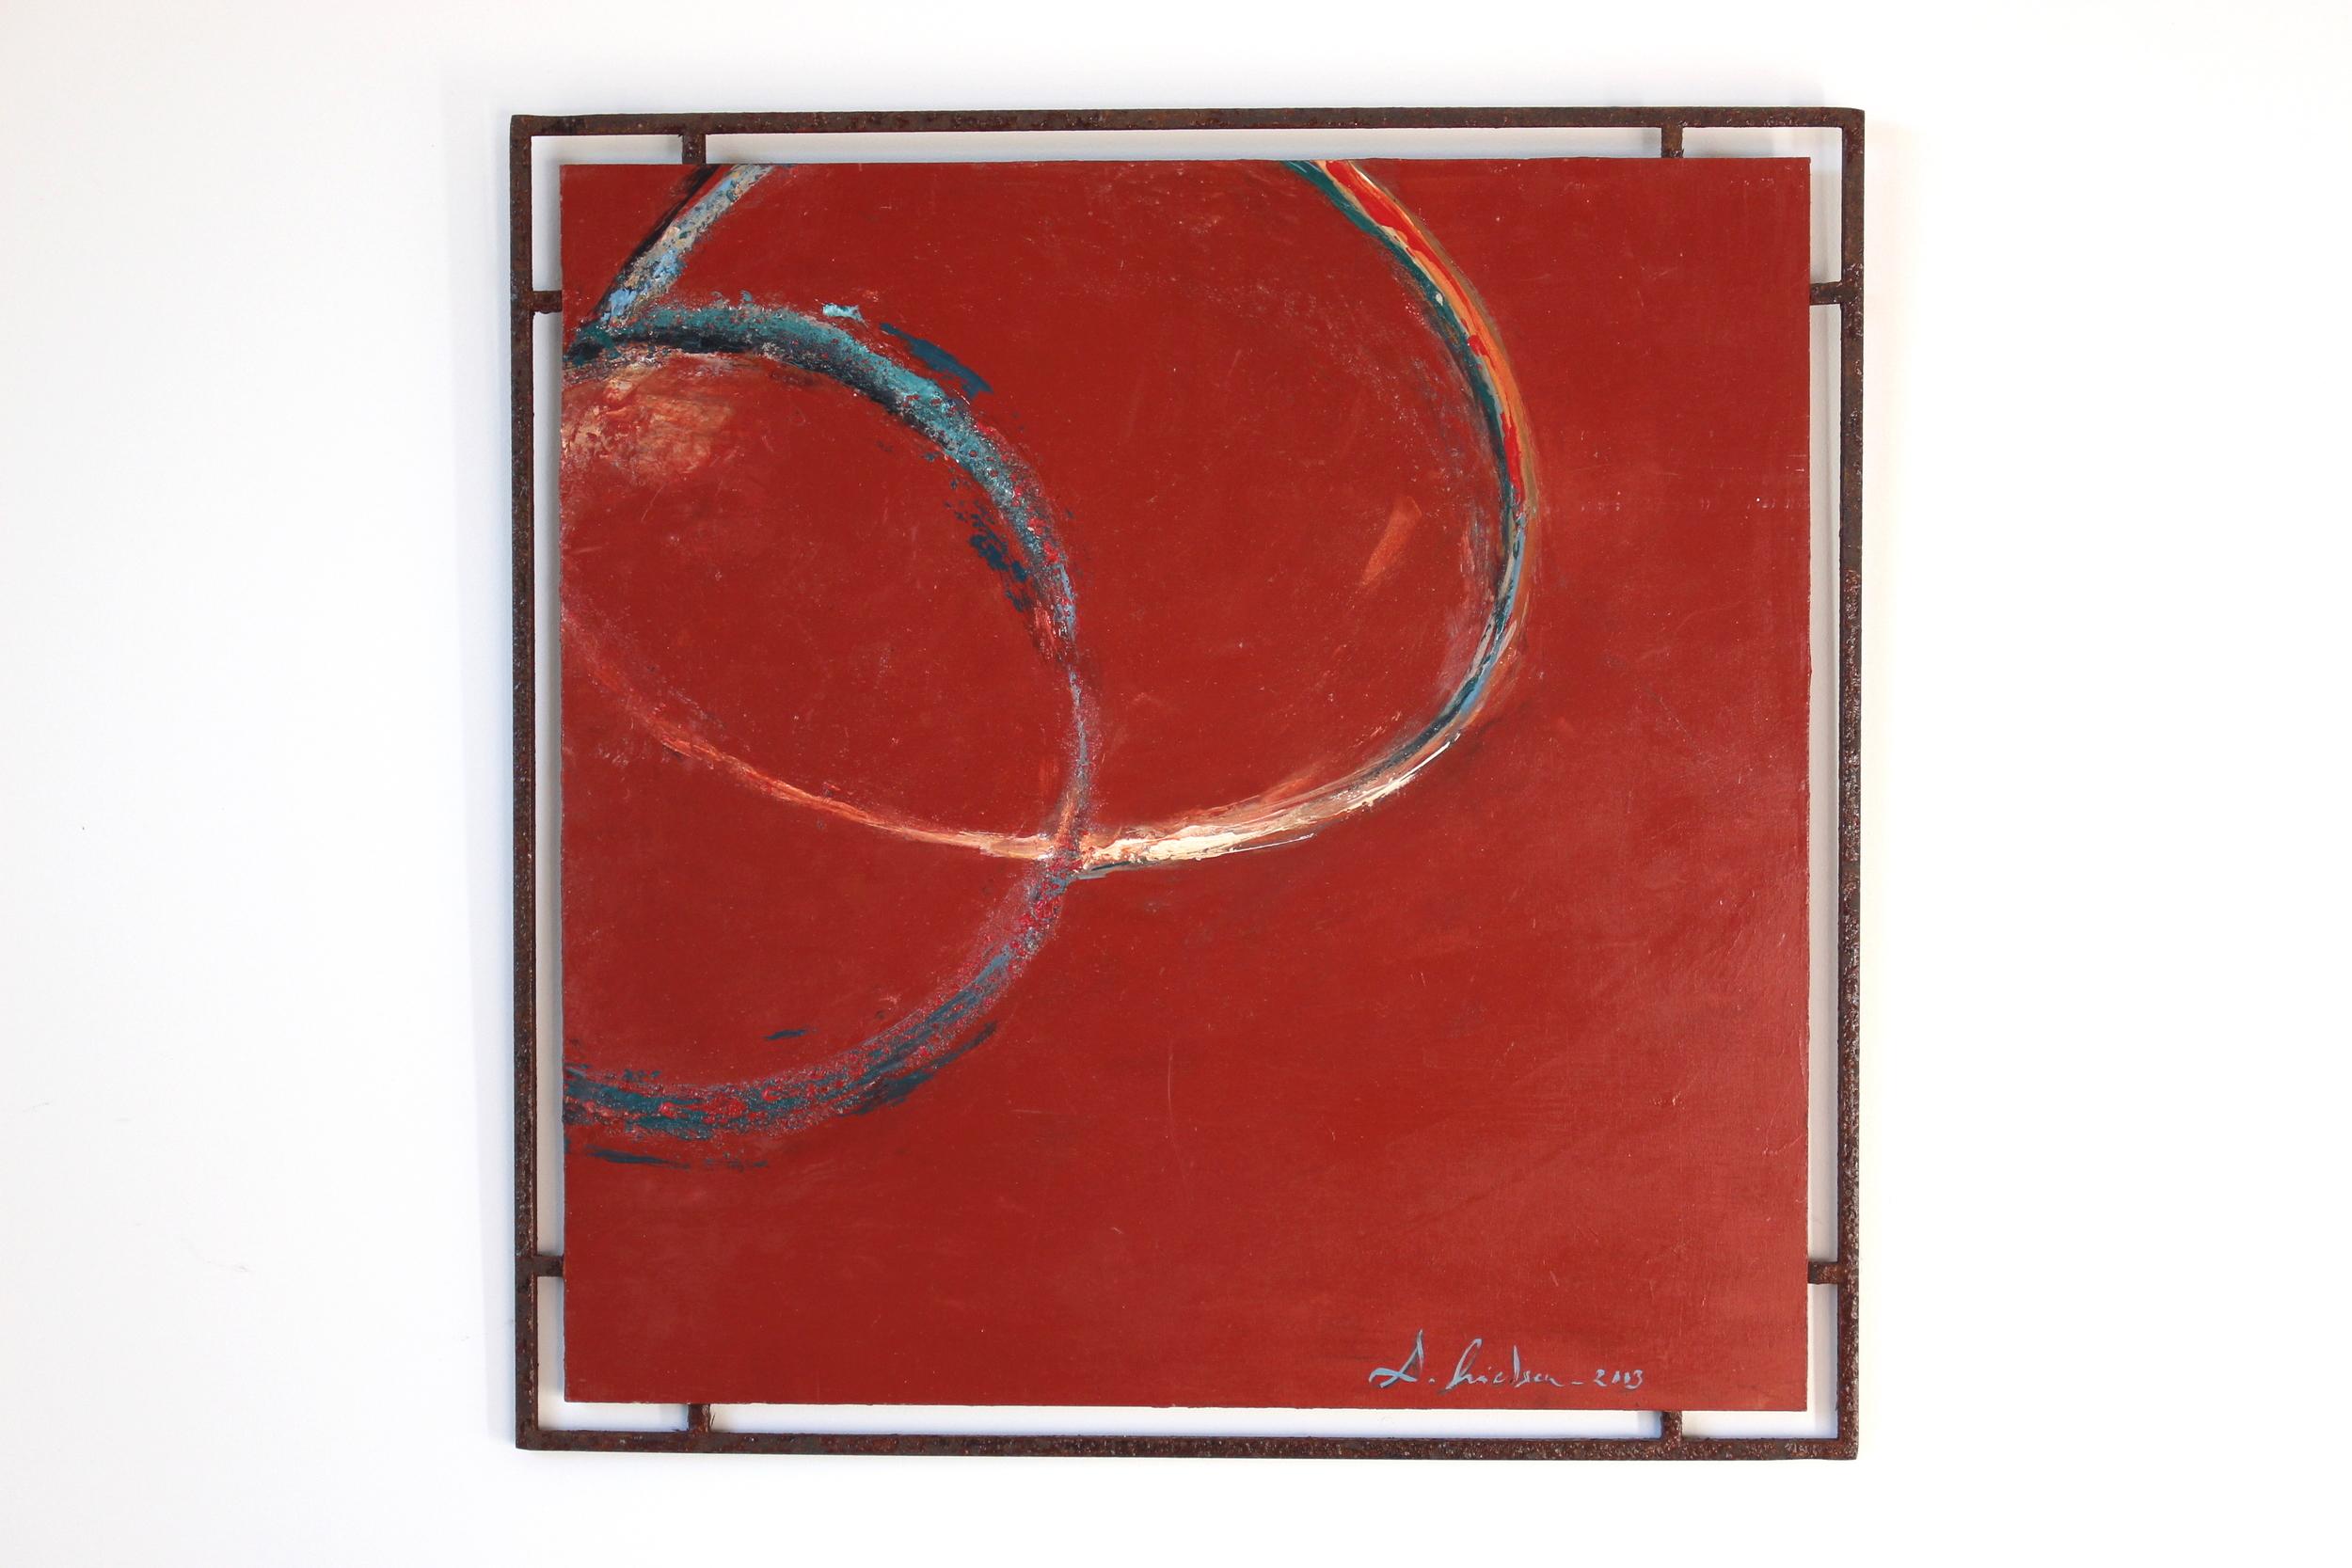 Annaux 40 x 40 cm ,Huile sur bois, encadrement en acier